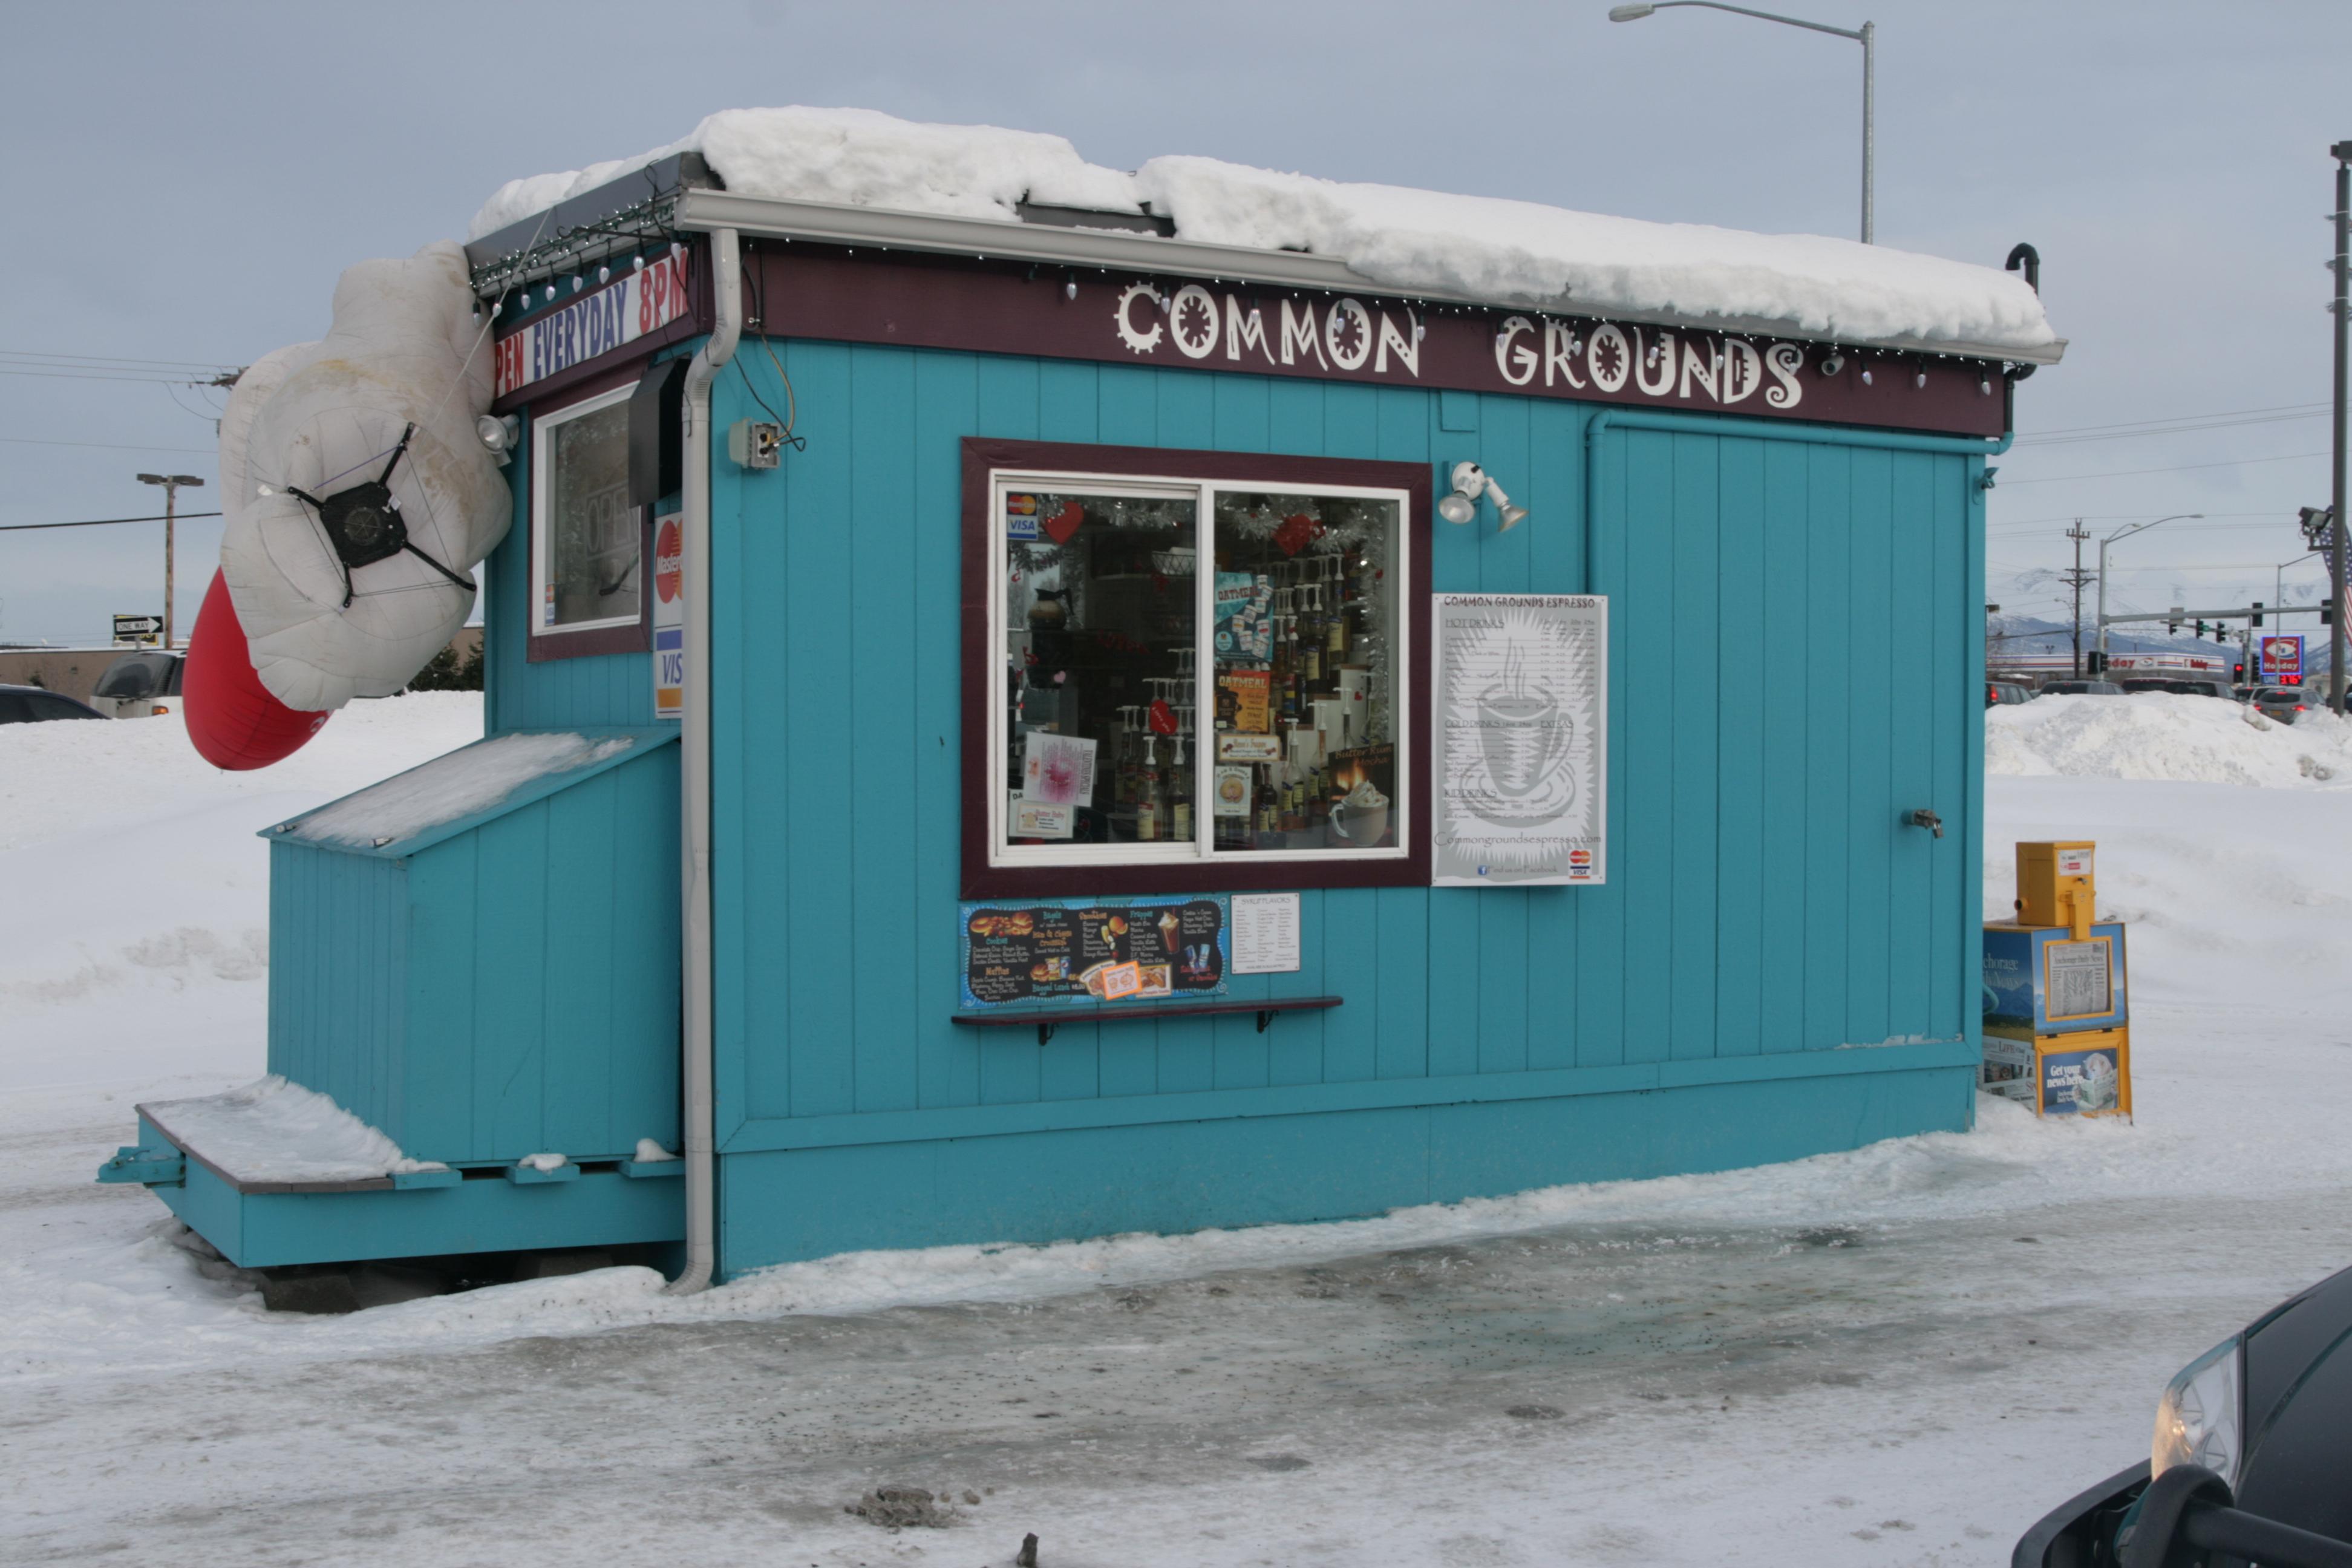 Na foto: O Common Grouns Expresso Stand, local de trabalho de Samantha. Créditos da imagem: FBI.